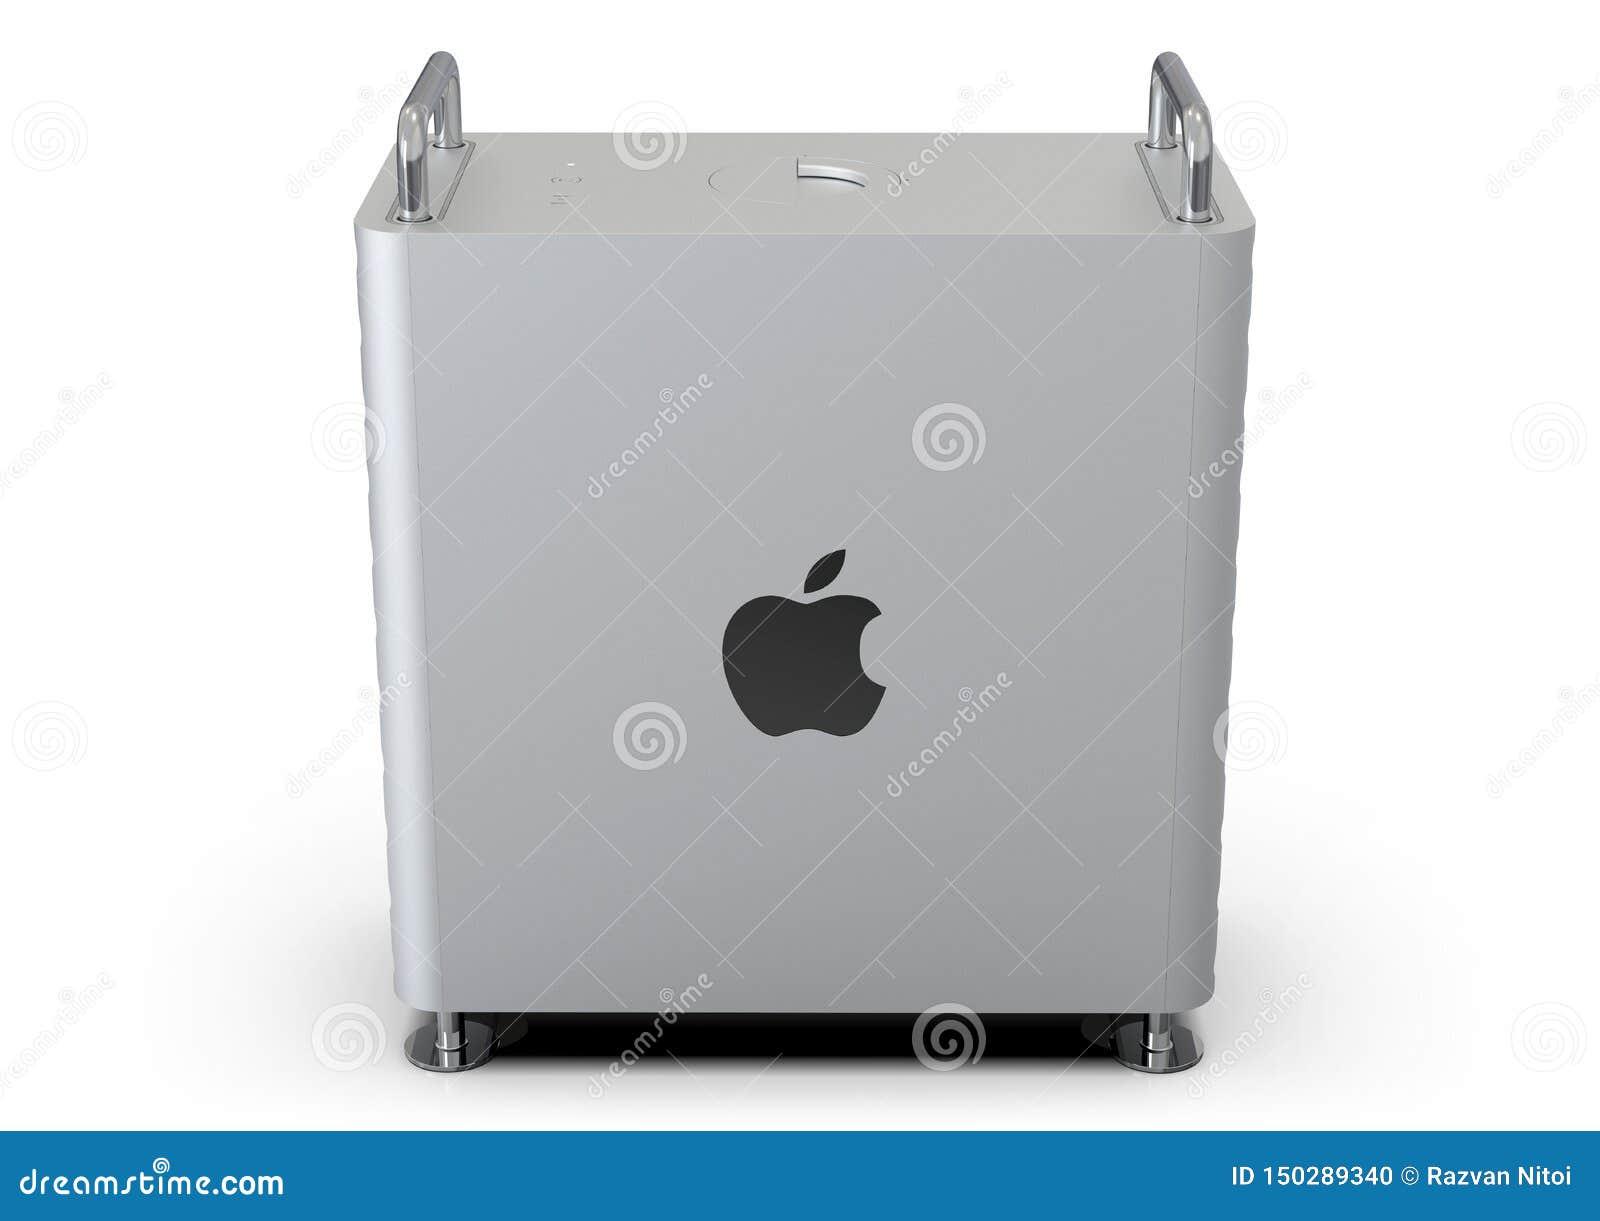 Υπέρ 2019 υπολογιστής γραφείου του Apple Mac, πλευρικός